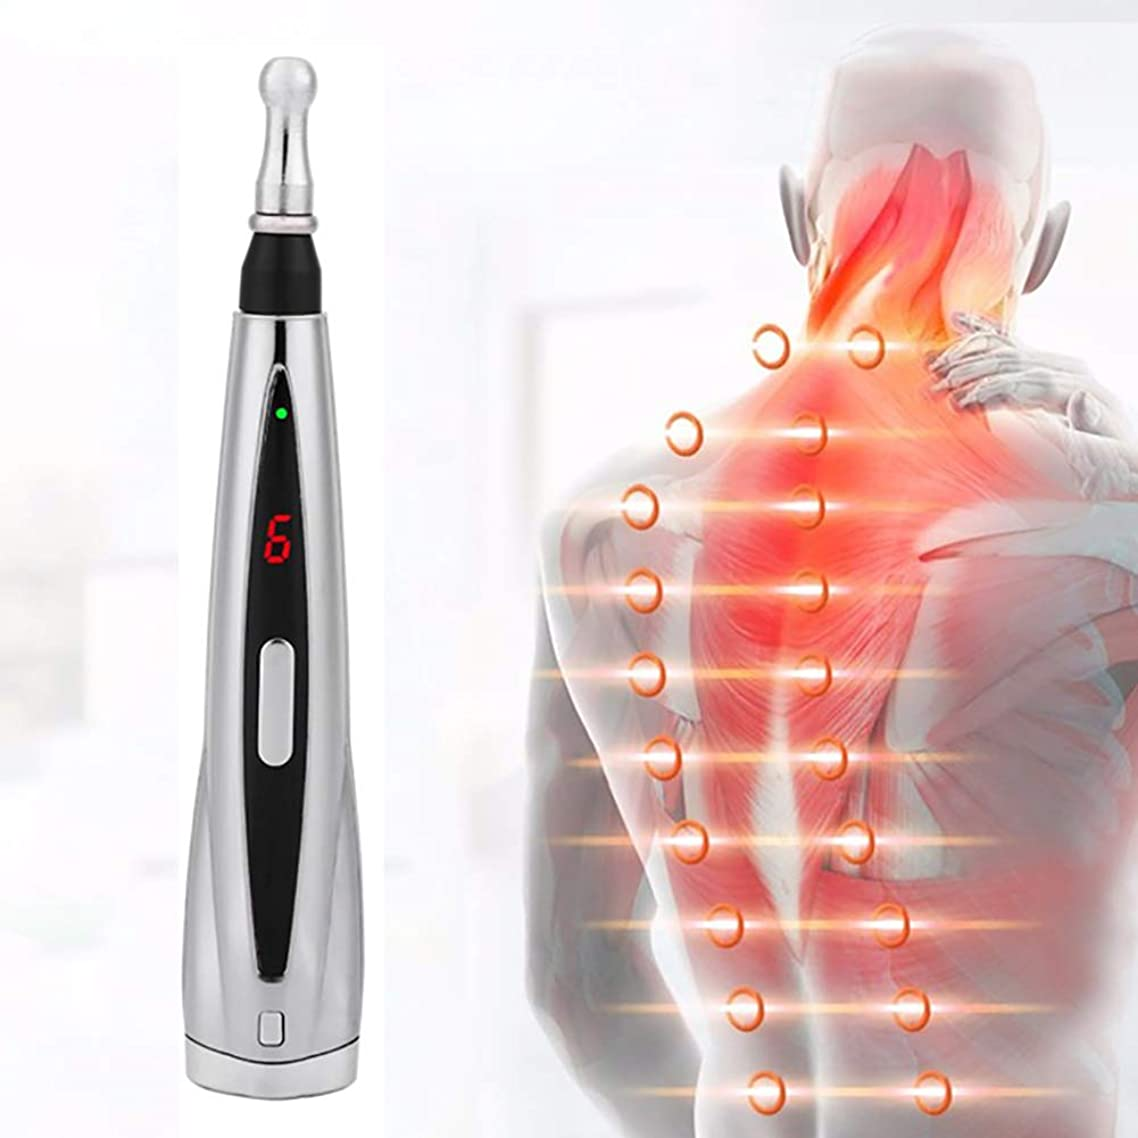 めったに検証で出来ている電気鍼治療マグネットペインリリーフ治療子午線エネルギーパルスマッサージペン強力な子午線救済ツール